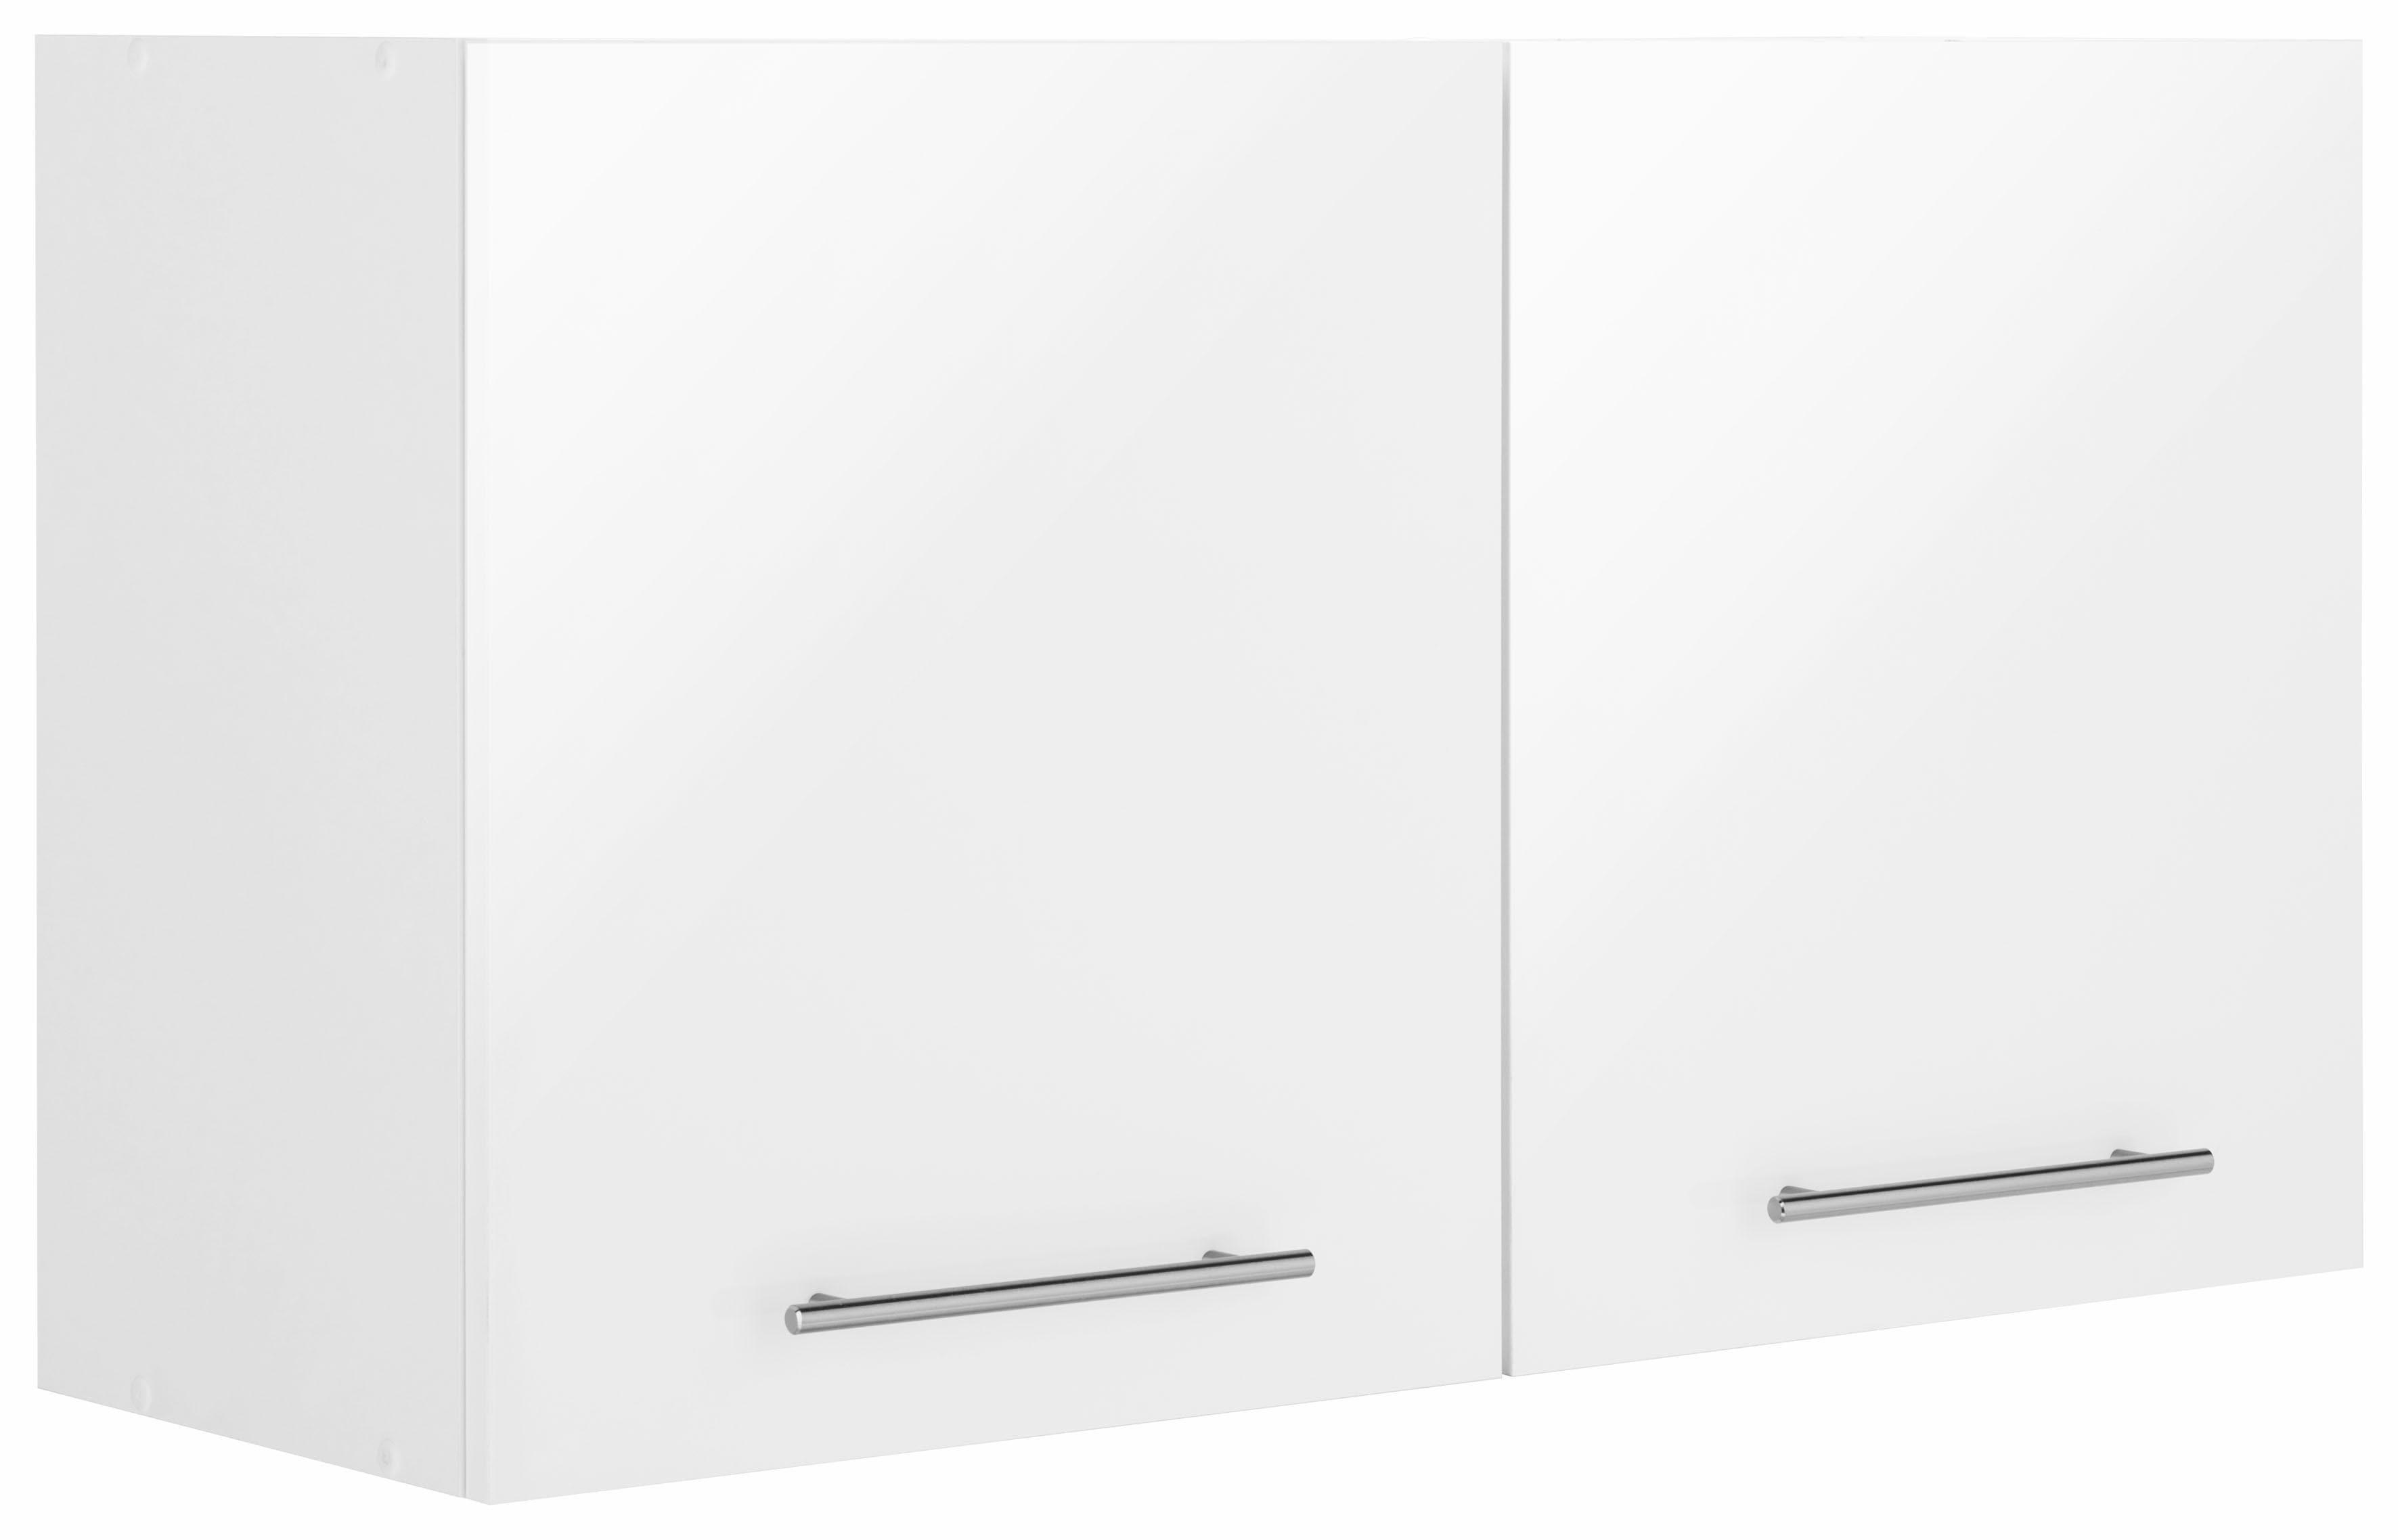 Wiho Küchen Hängeschrank »Ela«, Breite 100 cm | Küche und Esszimmer > Küchenschränke > Küchen-Hängeschränke | Weiß | Melamin | WIHO KÜCHEN